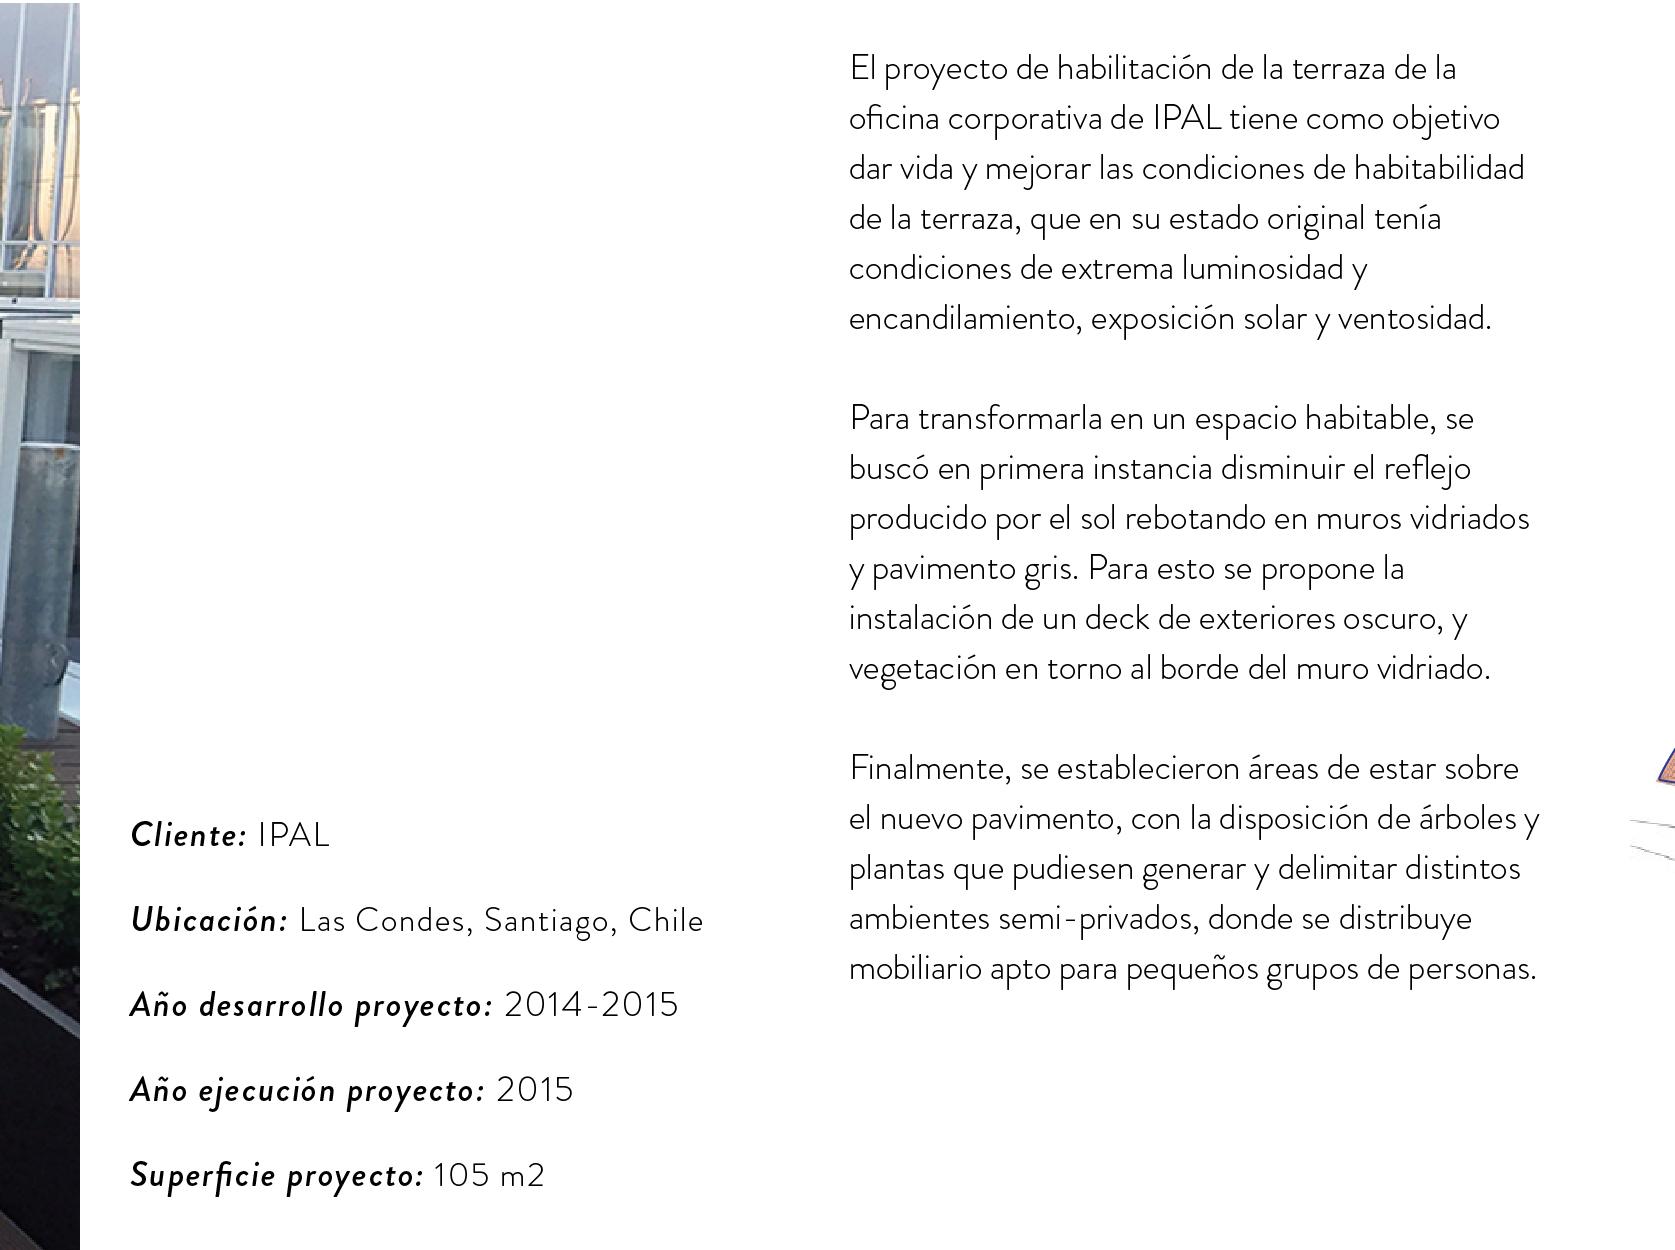 Formato Panoramico TERRAZAS IPAL-02.jpg